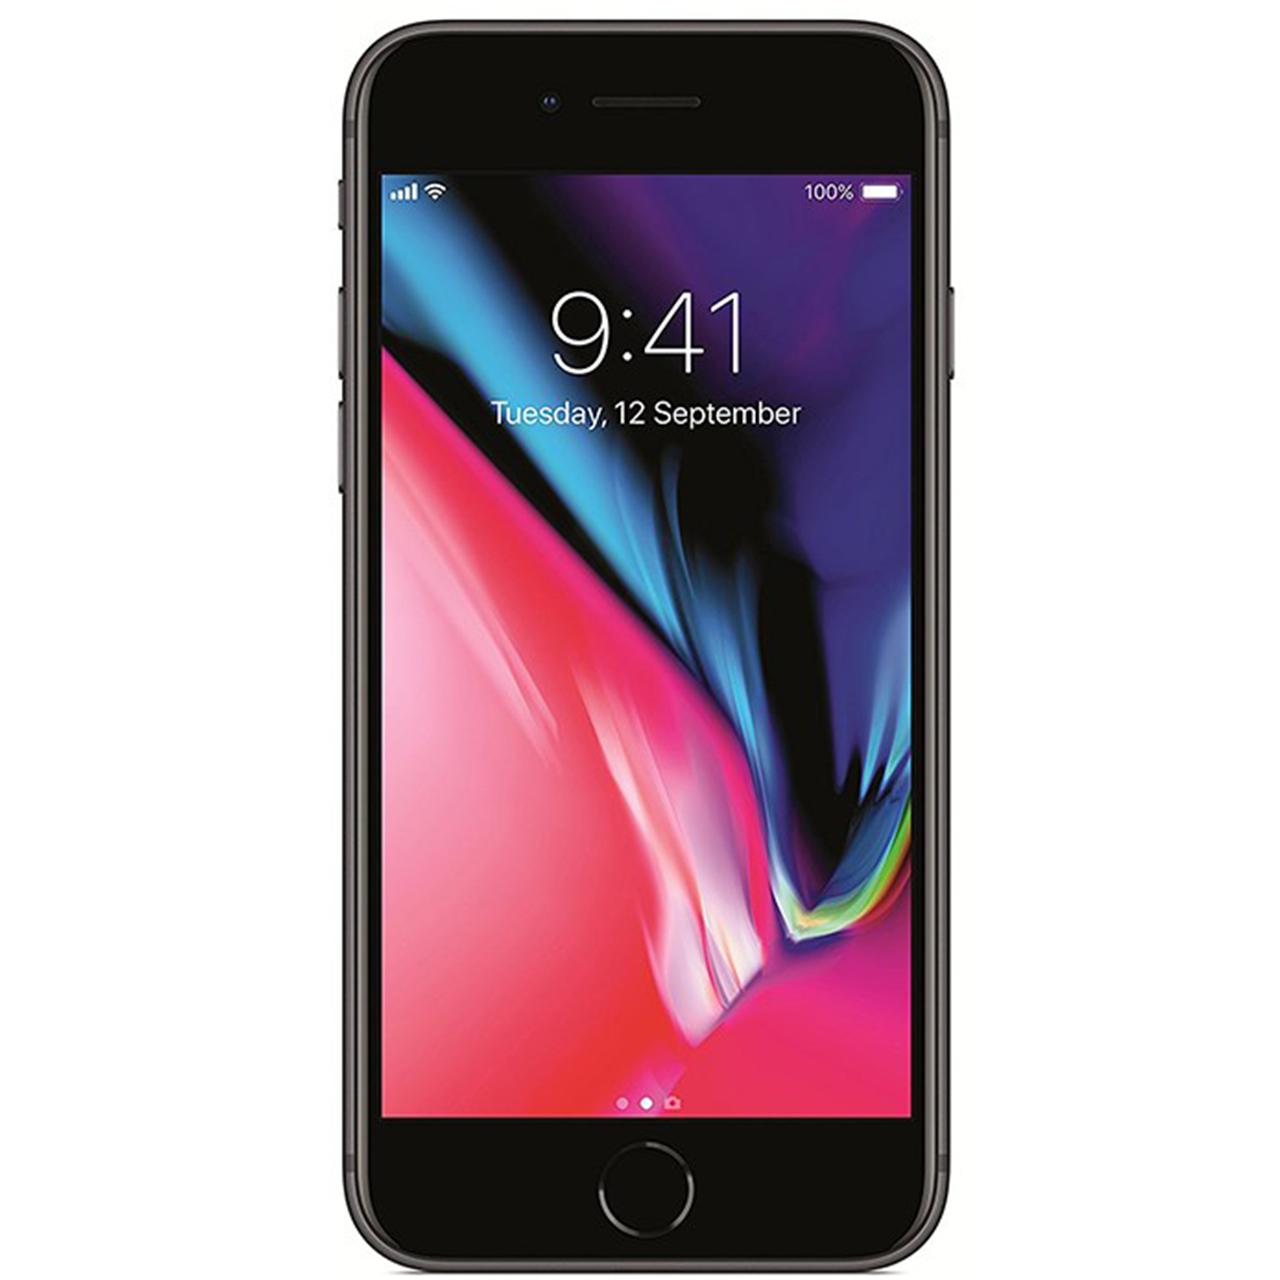 گوشی موبایل اپل مدل iPhone 8 Plus A1864 ظرفیت ۶۴ گیگابایت